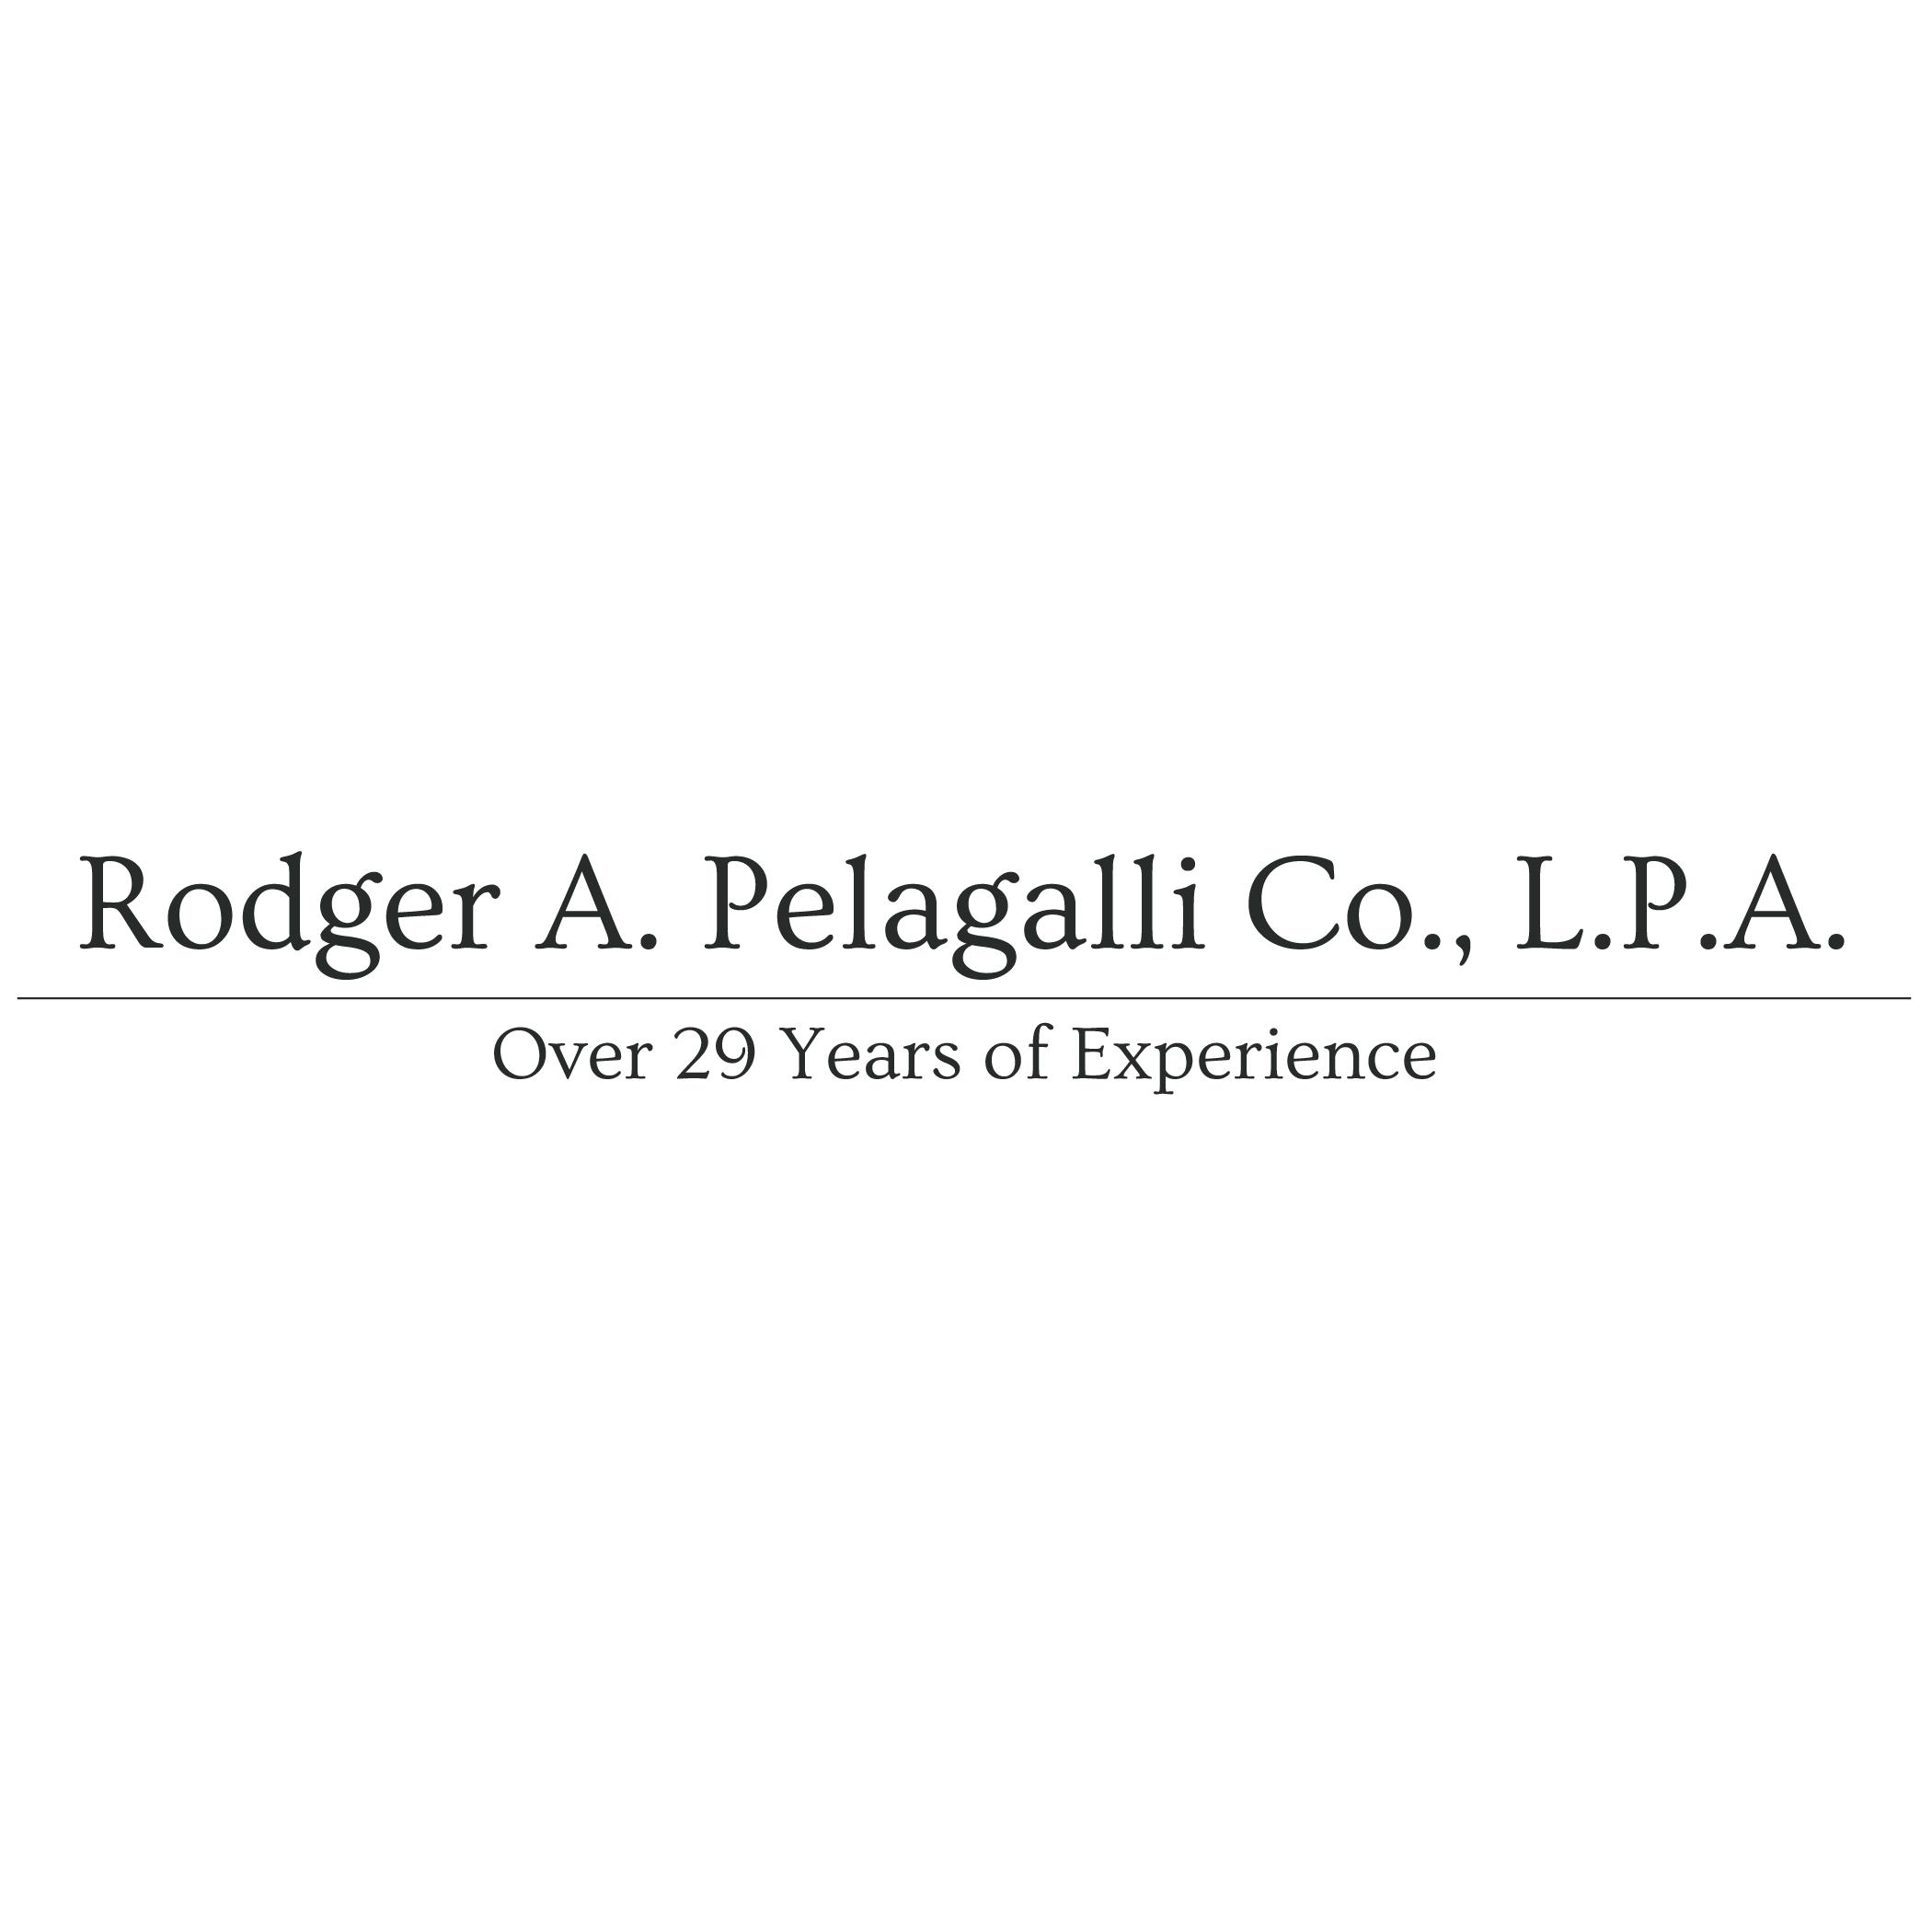 Rodger A. Pelgalli Co., L.P.A